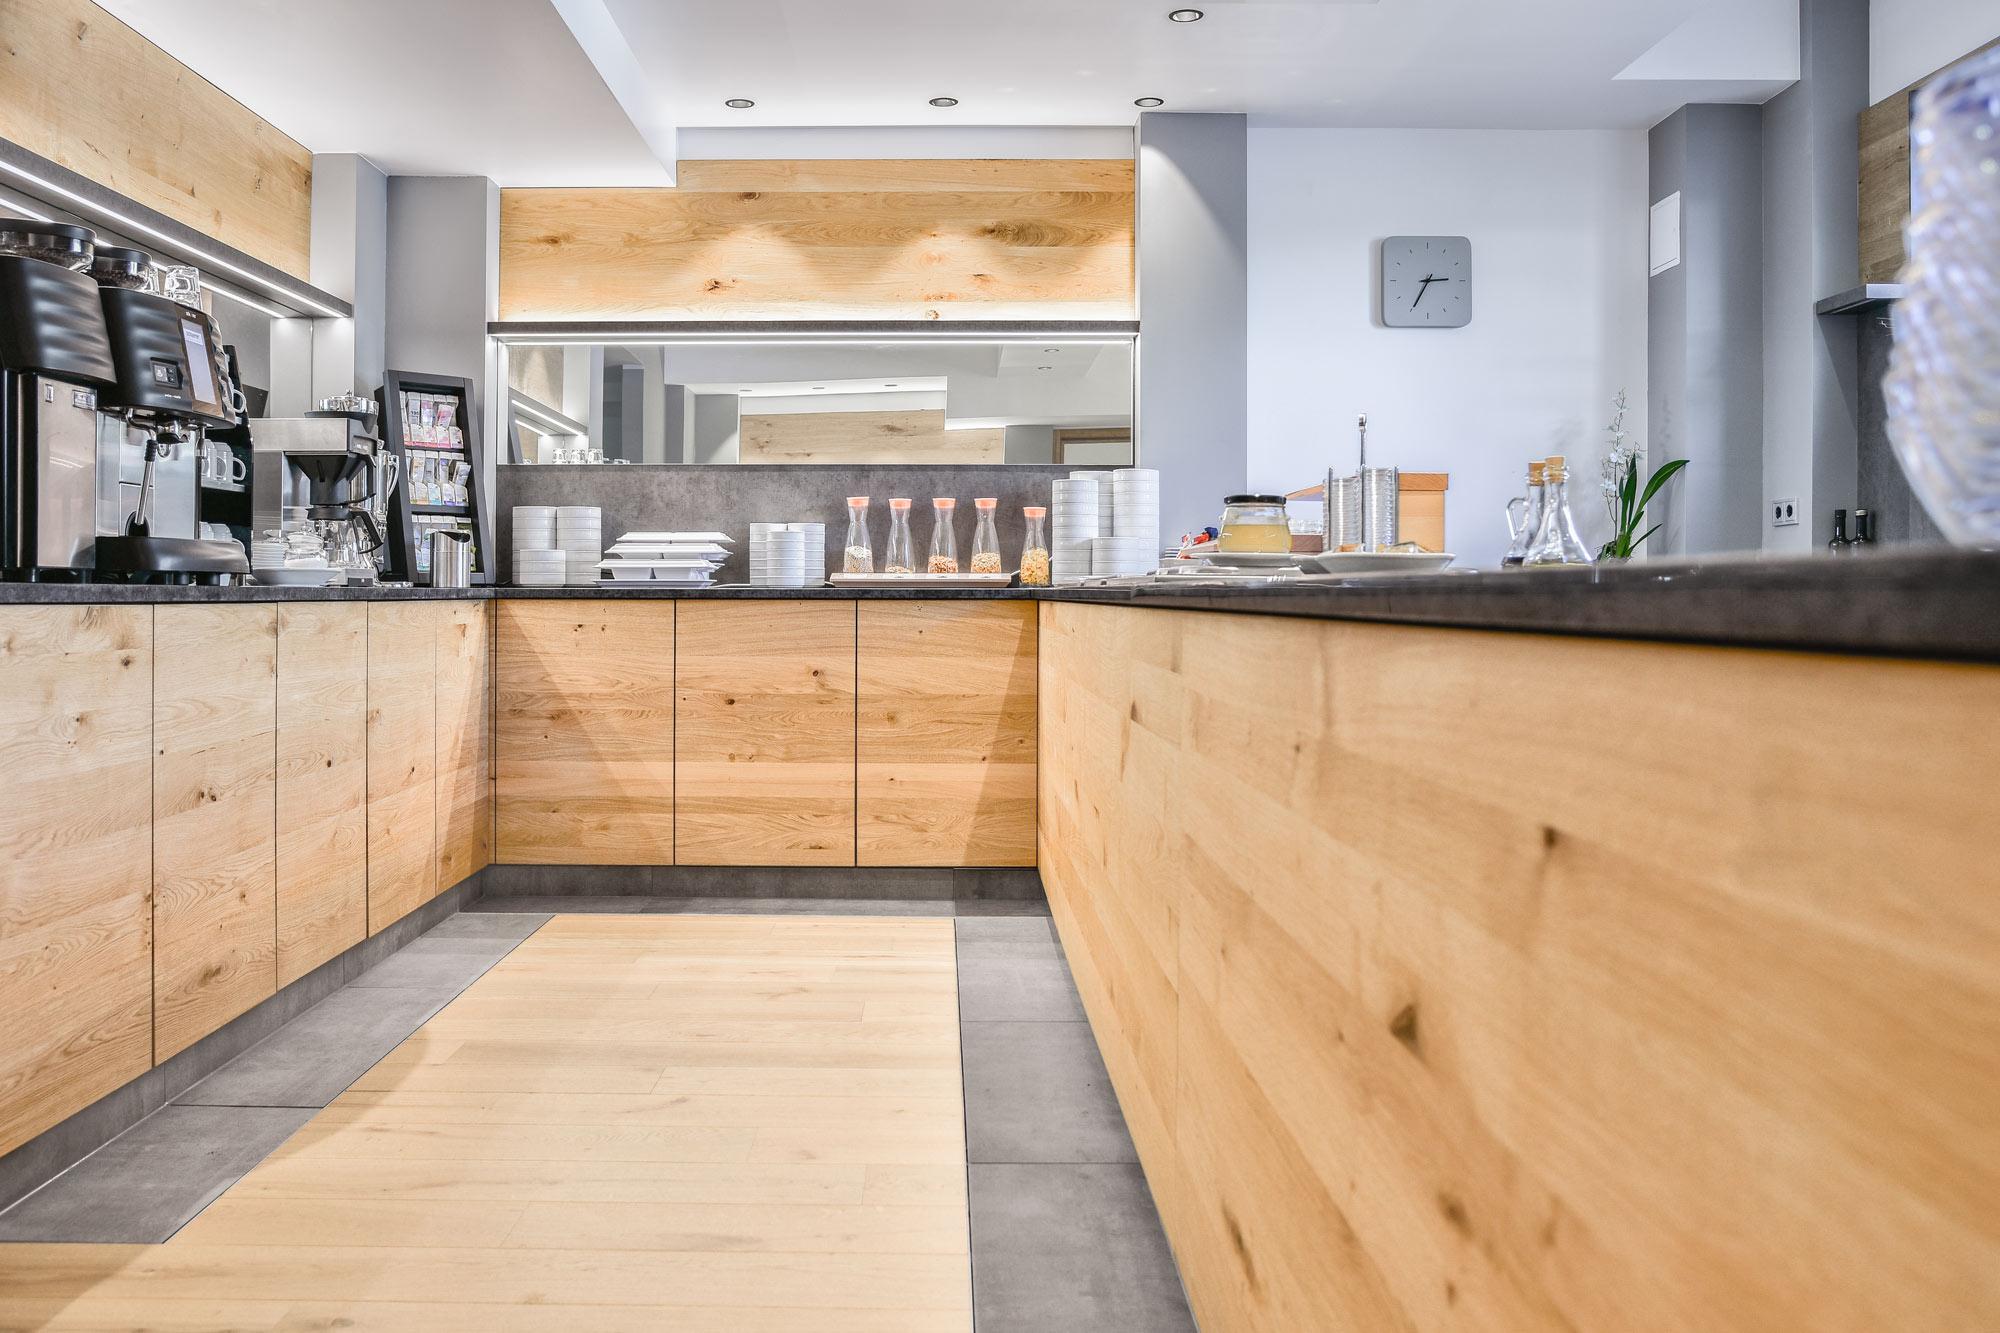 Frühstücksbuffet Holzfronten Holzverkleidung